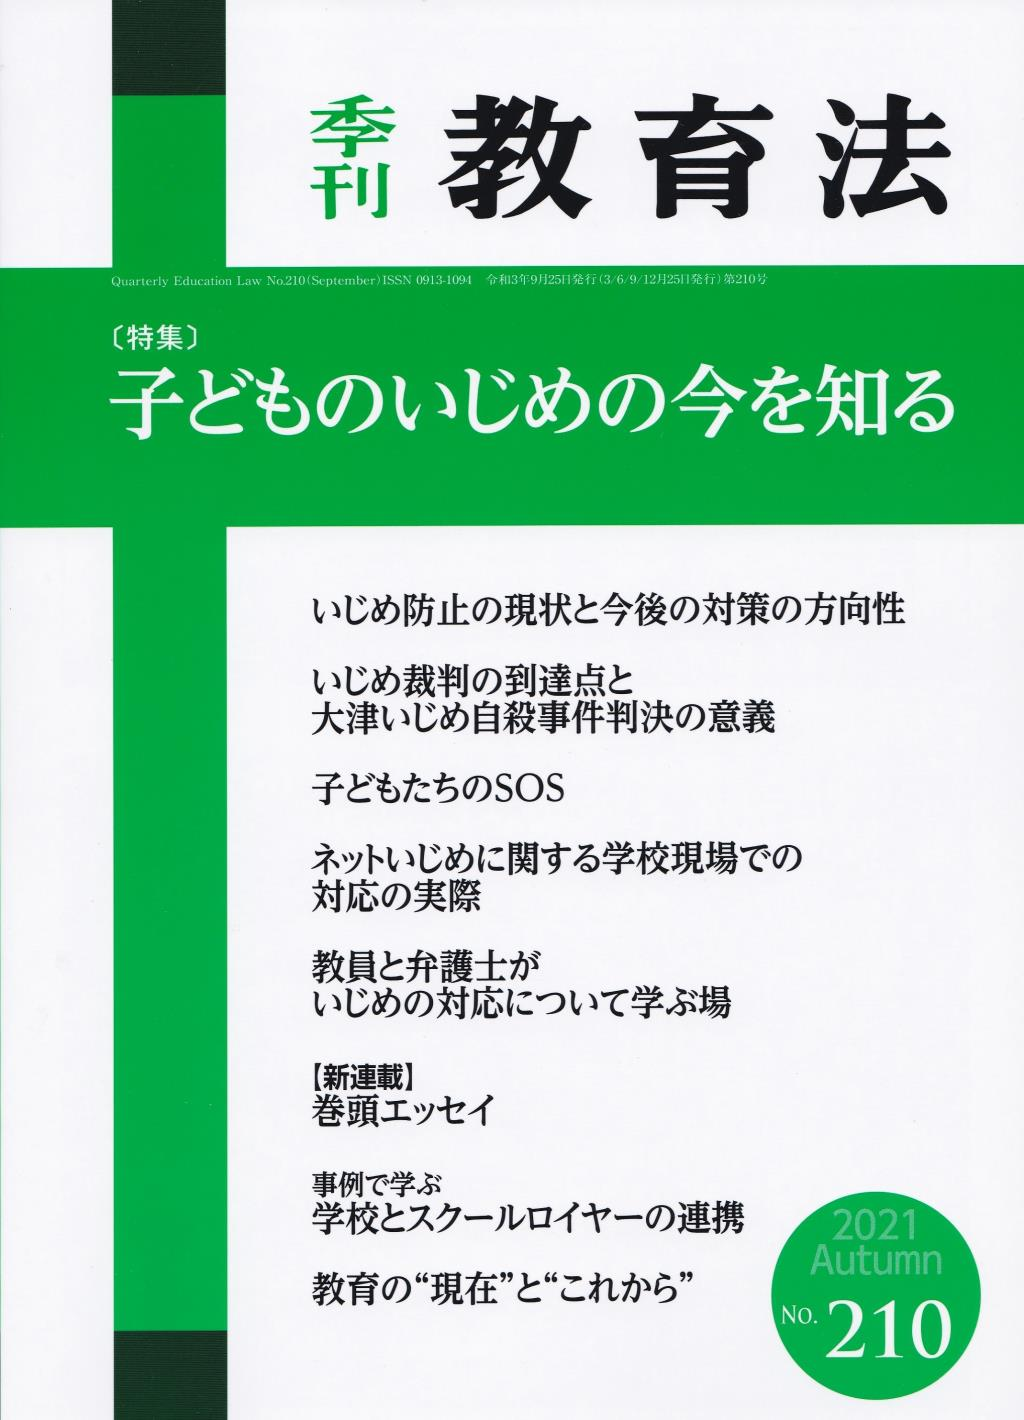 季刊 教育法 第210号